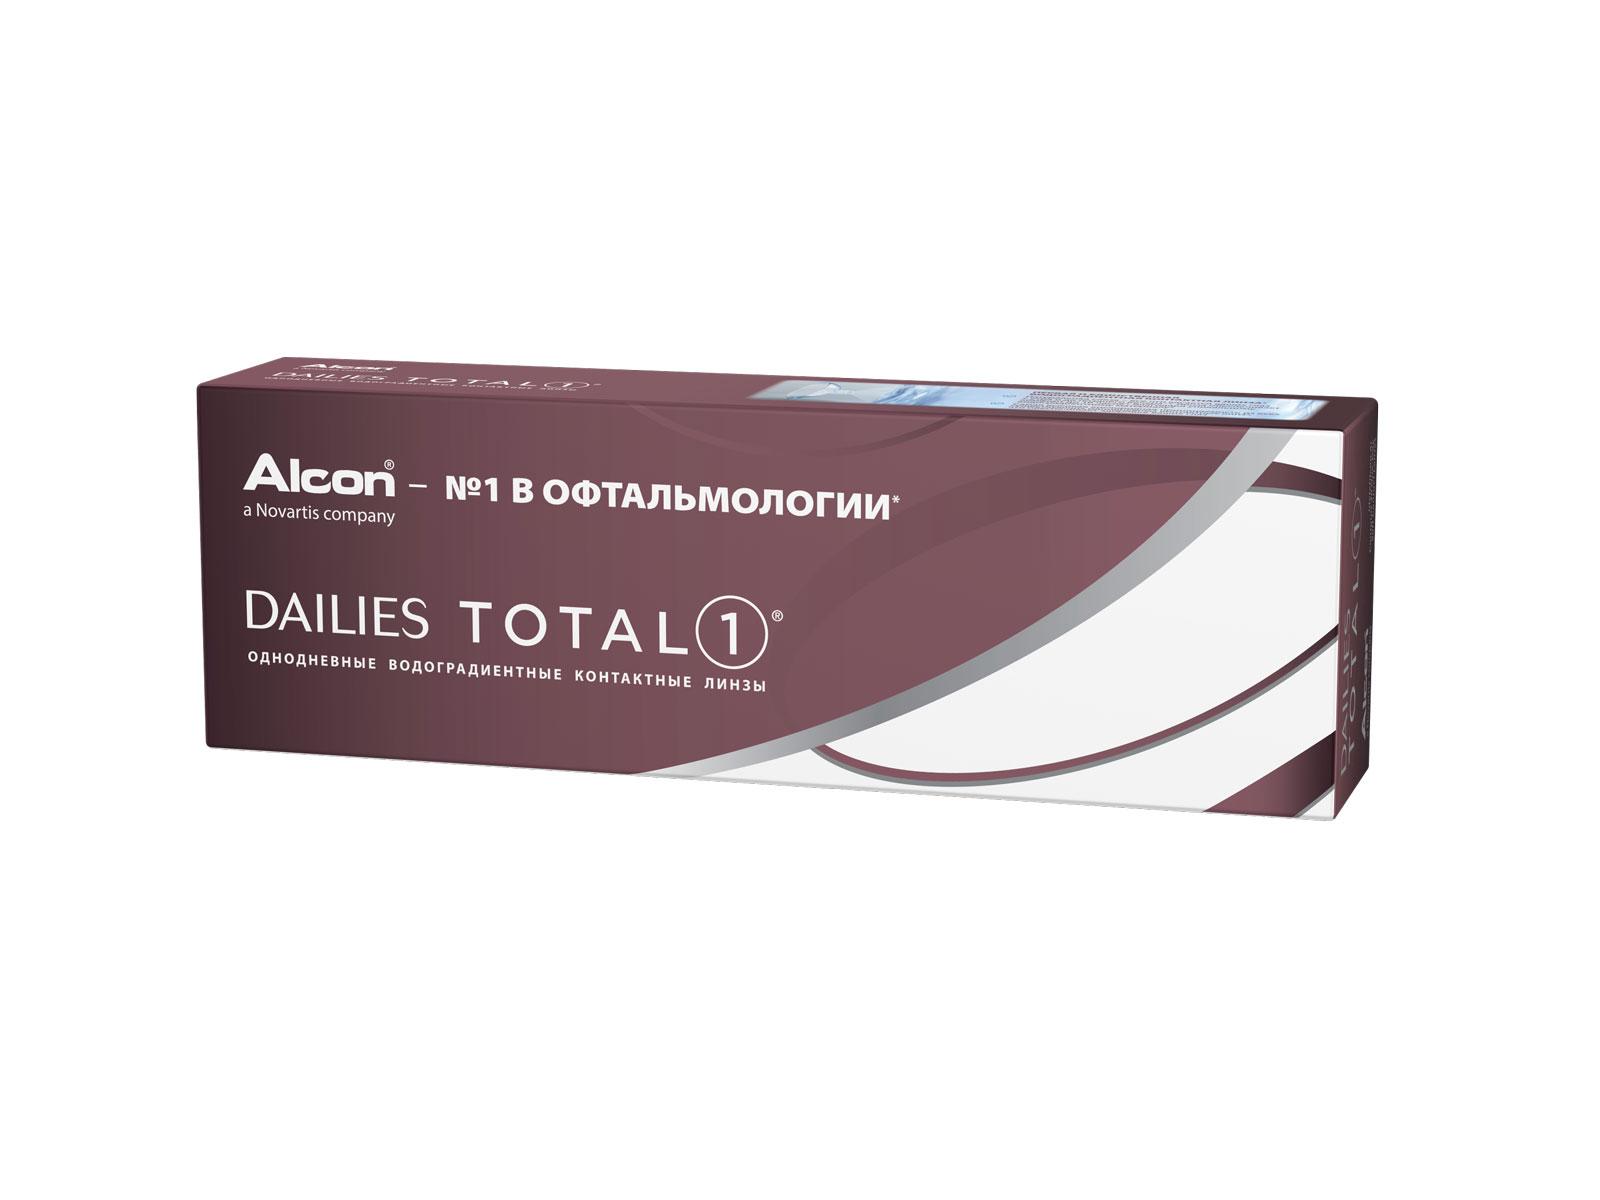 Alcon контактные линзы Dailies Total 1 30pk /-2.50 / 8.5 / 14.1100031464Dailies Total 1 – линзы, которые не чувствуешь с утра и до поздного вечера. Эти однодневные контактные линзы выполнены из уникального водоградиентного материала, багодаря которому натуральная слеза – это все, что касается ваших глаз. Почти 100% влаги на поверхности обеспечивают непревзойденный комфорт до 16 часов ношения.